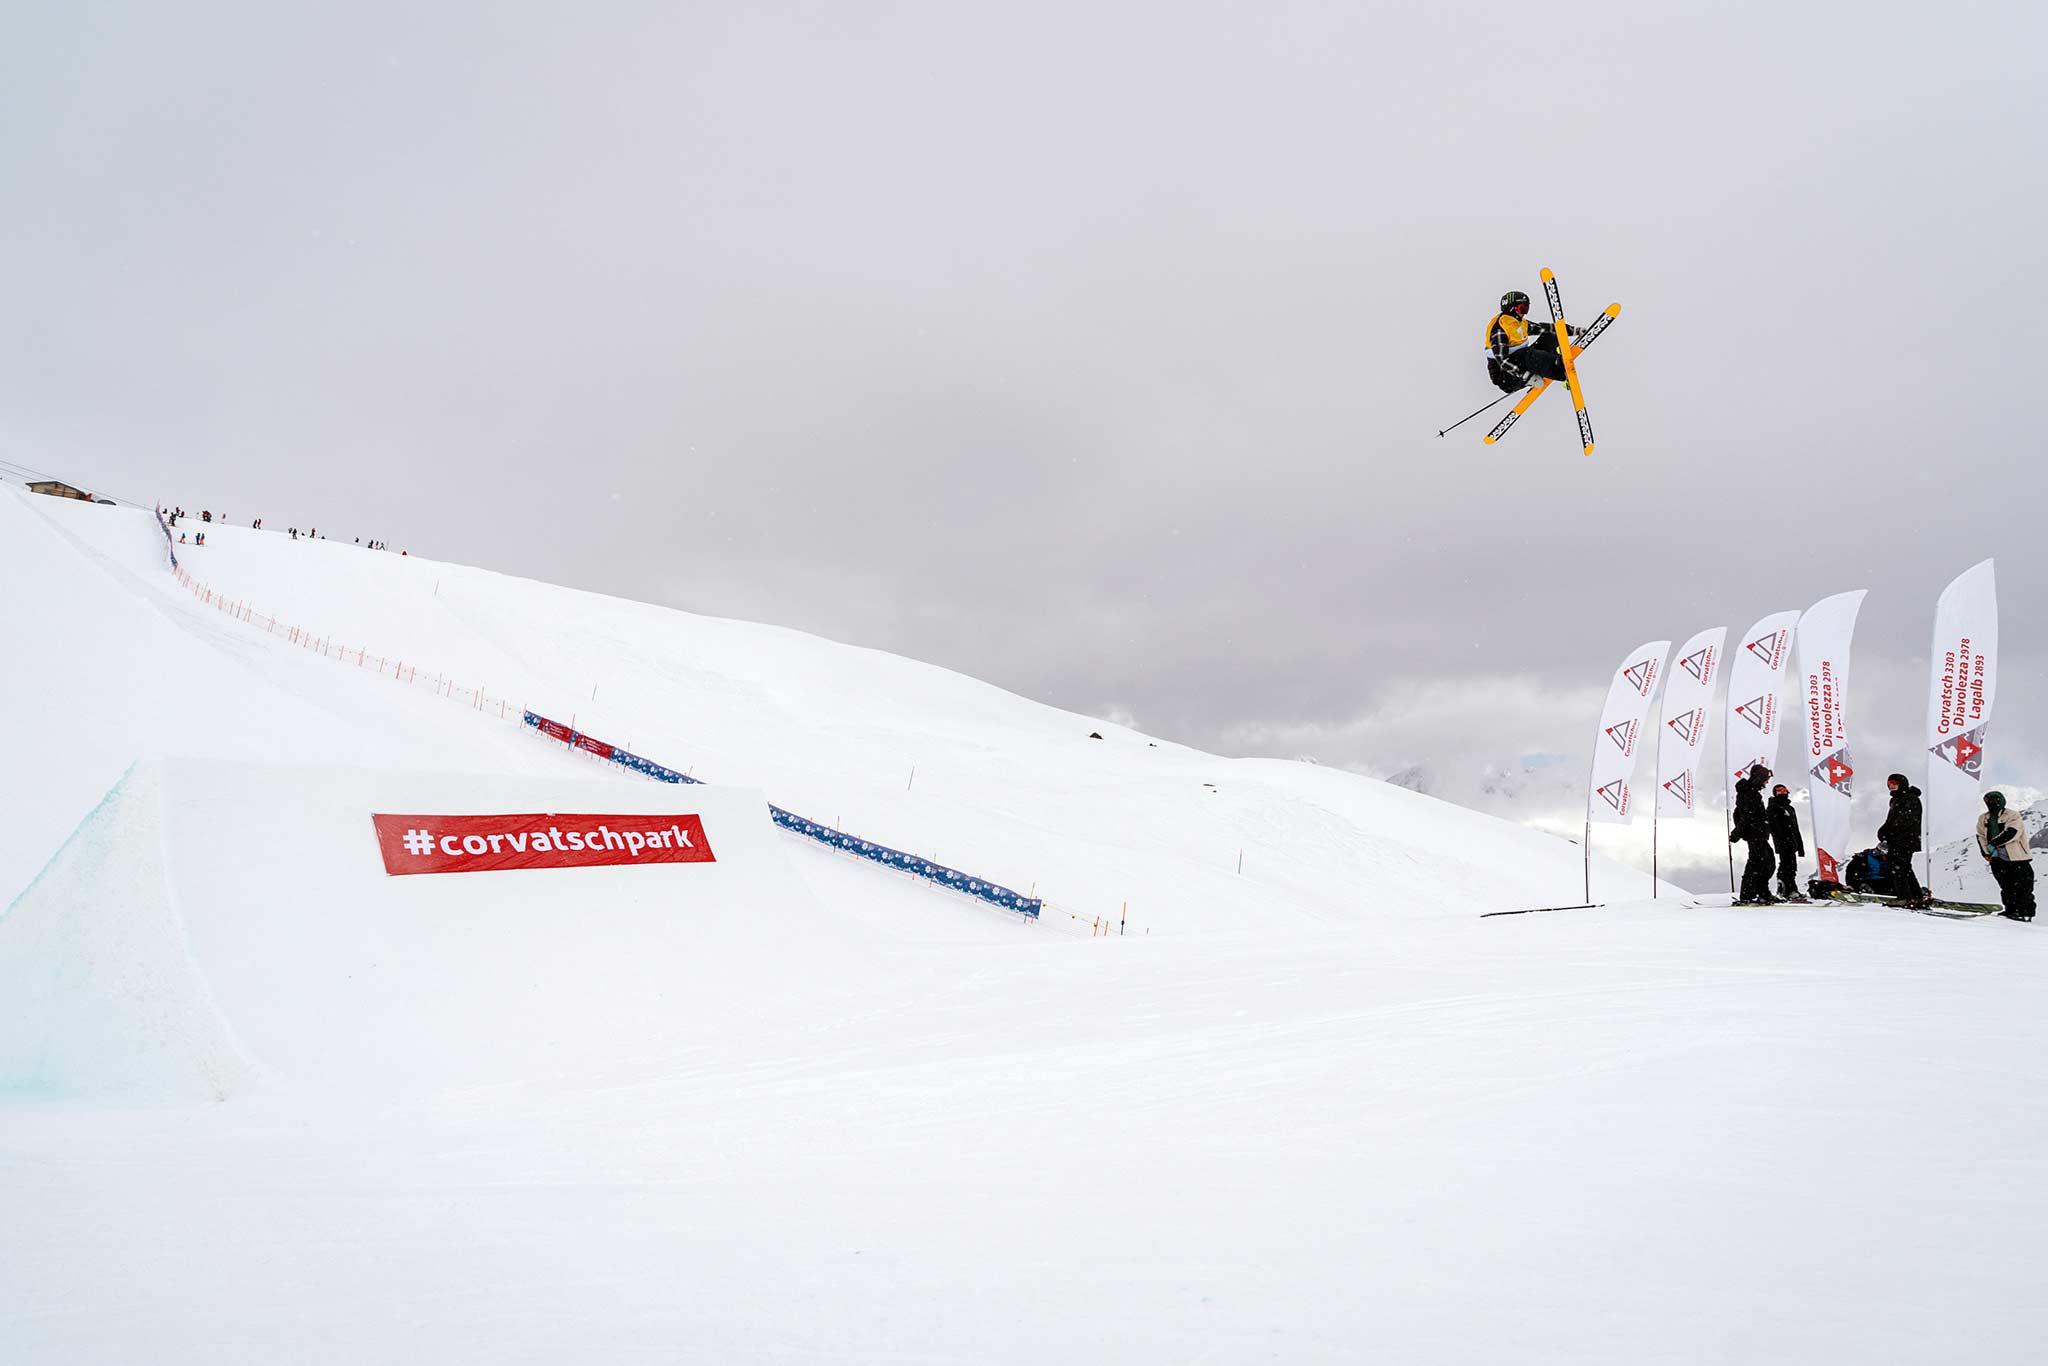 Colby Stevenson aus den USA gewinnt den Corvatsch Freeski Weltcup und oben drauf auch den Slopestyle Gesamtweltcup 2020/2021. - Foto: Filip Zuan